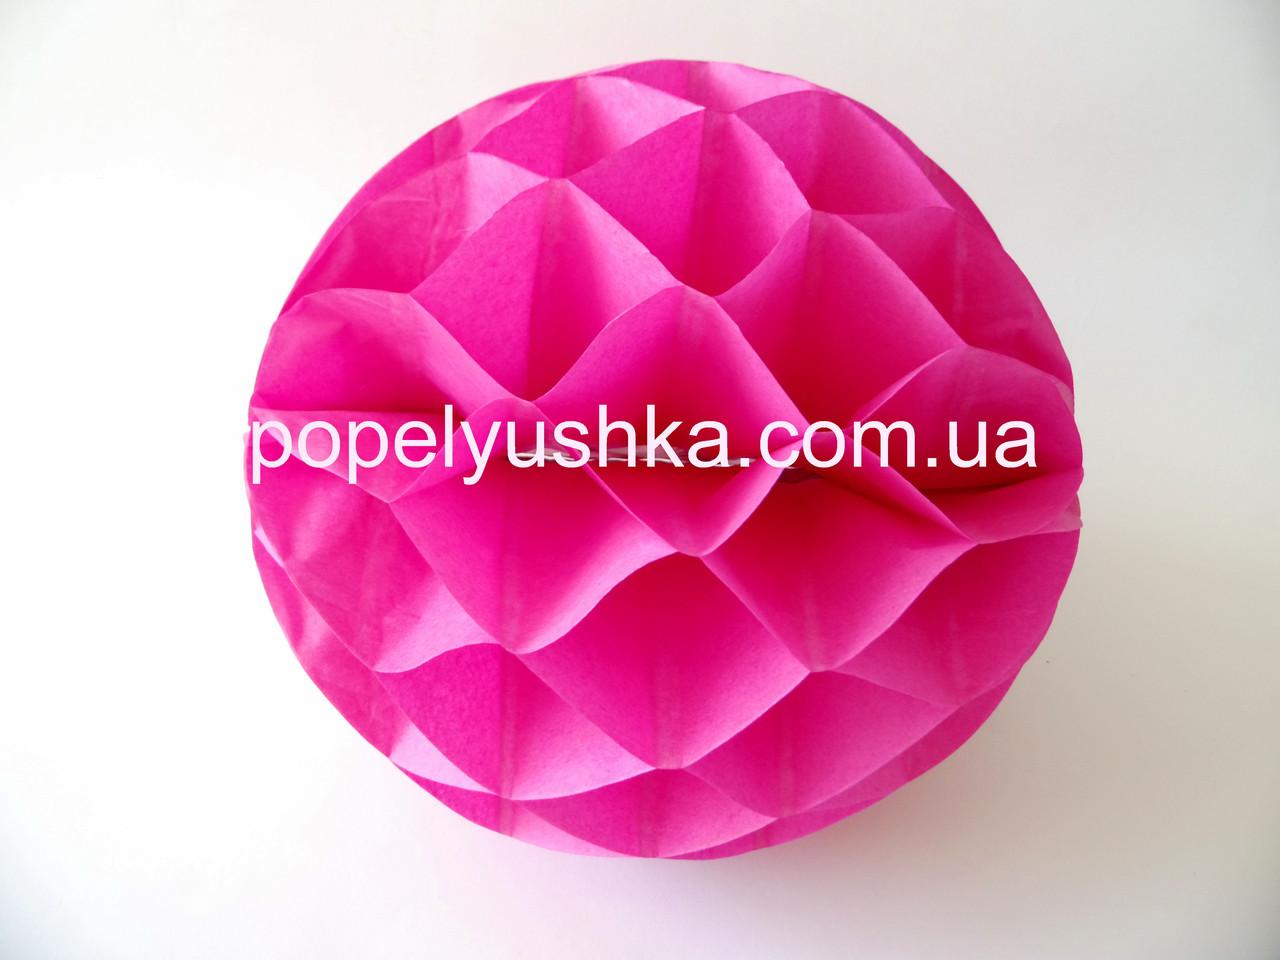 Шарик -соты 20 см. Розовый